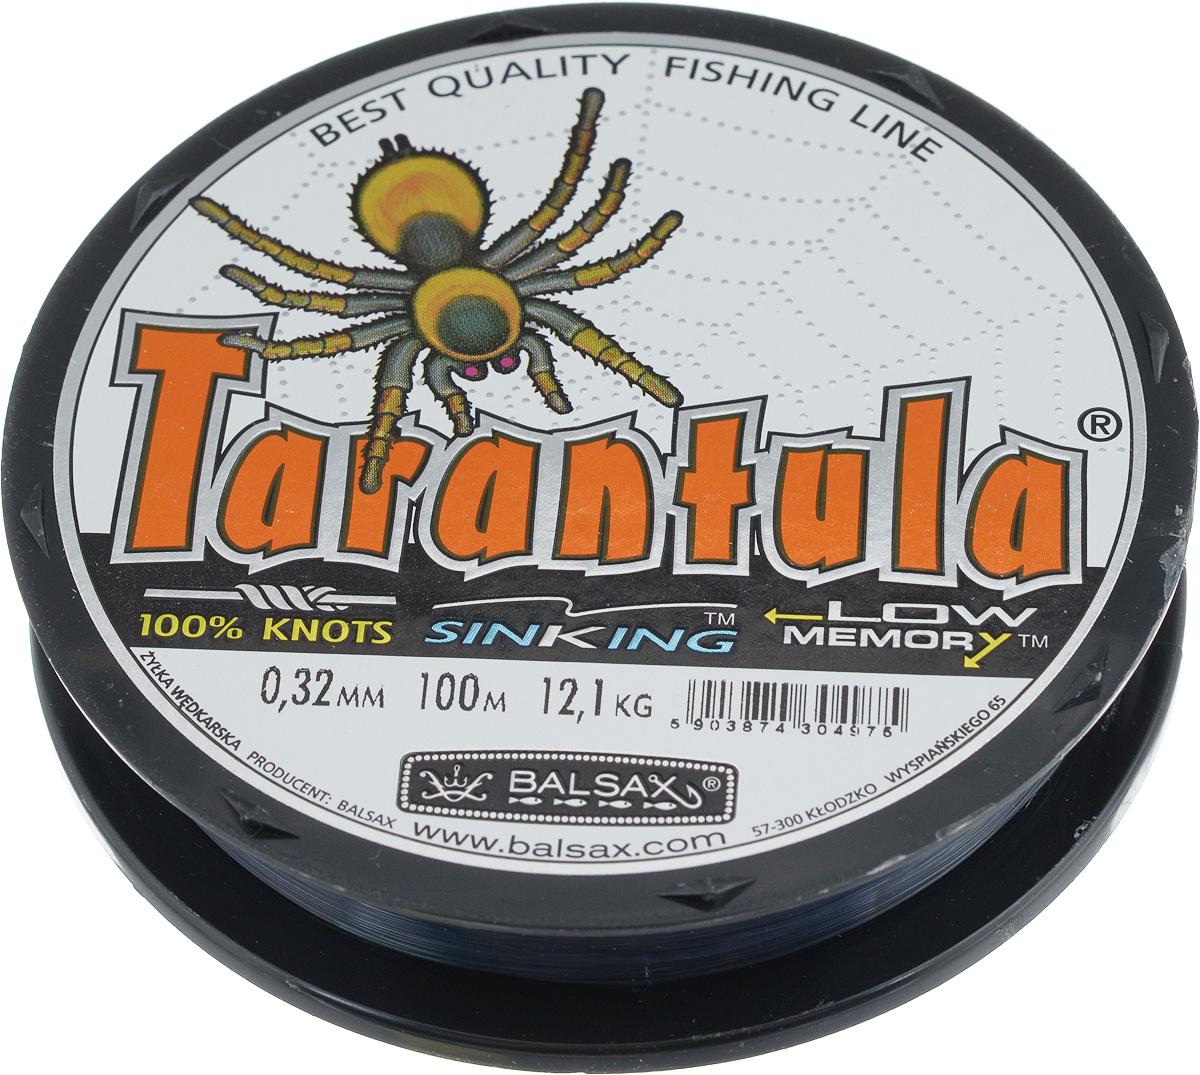 Леска Balsax Tarantula, 100 м, 0,32 мм, 12,1 кгPP135MGR019Леска Balsax Tarantula выполнена из нейлоновой рибозы с покрытием из тефлона. Новая молекулярная структура лески отличается повышенной сопротивляемостью к разрыву, но при этом она способна и растягиваться. Растяжимость в случае применения этой лески является отличным достоинством, особенно во время энергичной борьбы с рыбой, как амортизатор защищая оснастку от обрыва.